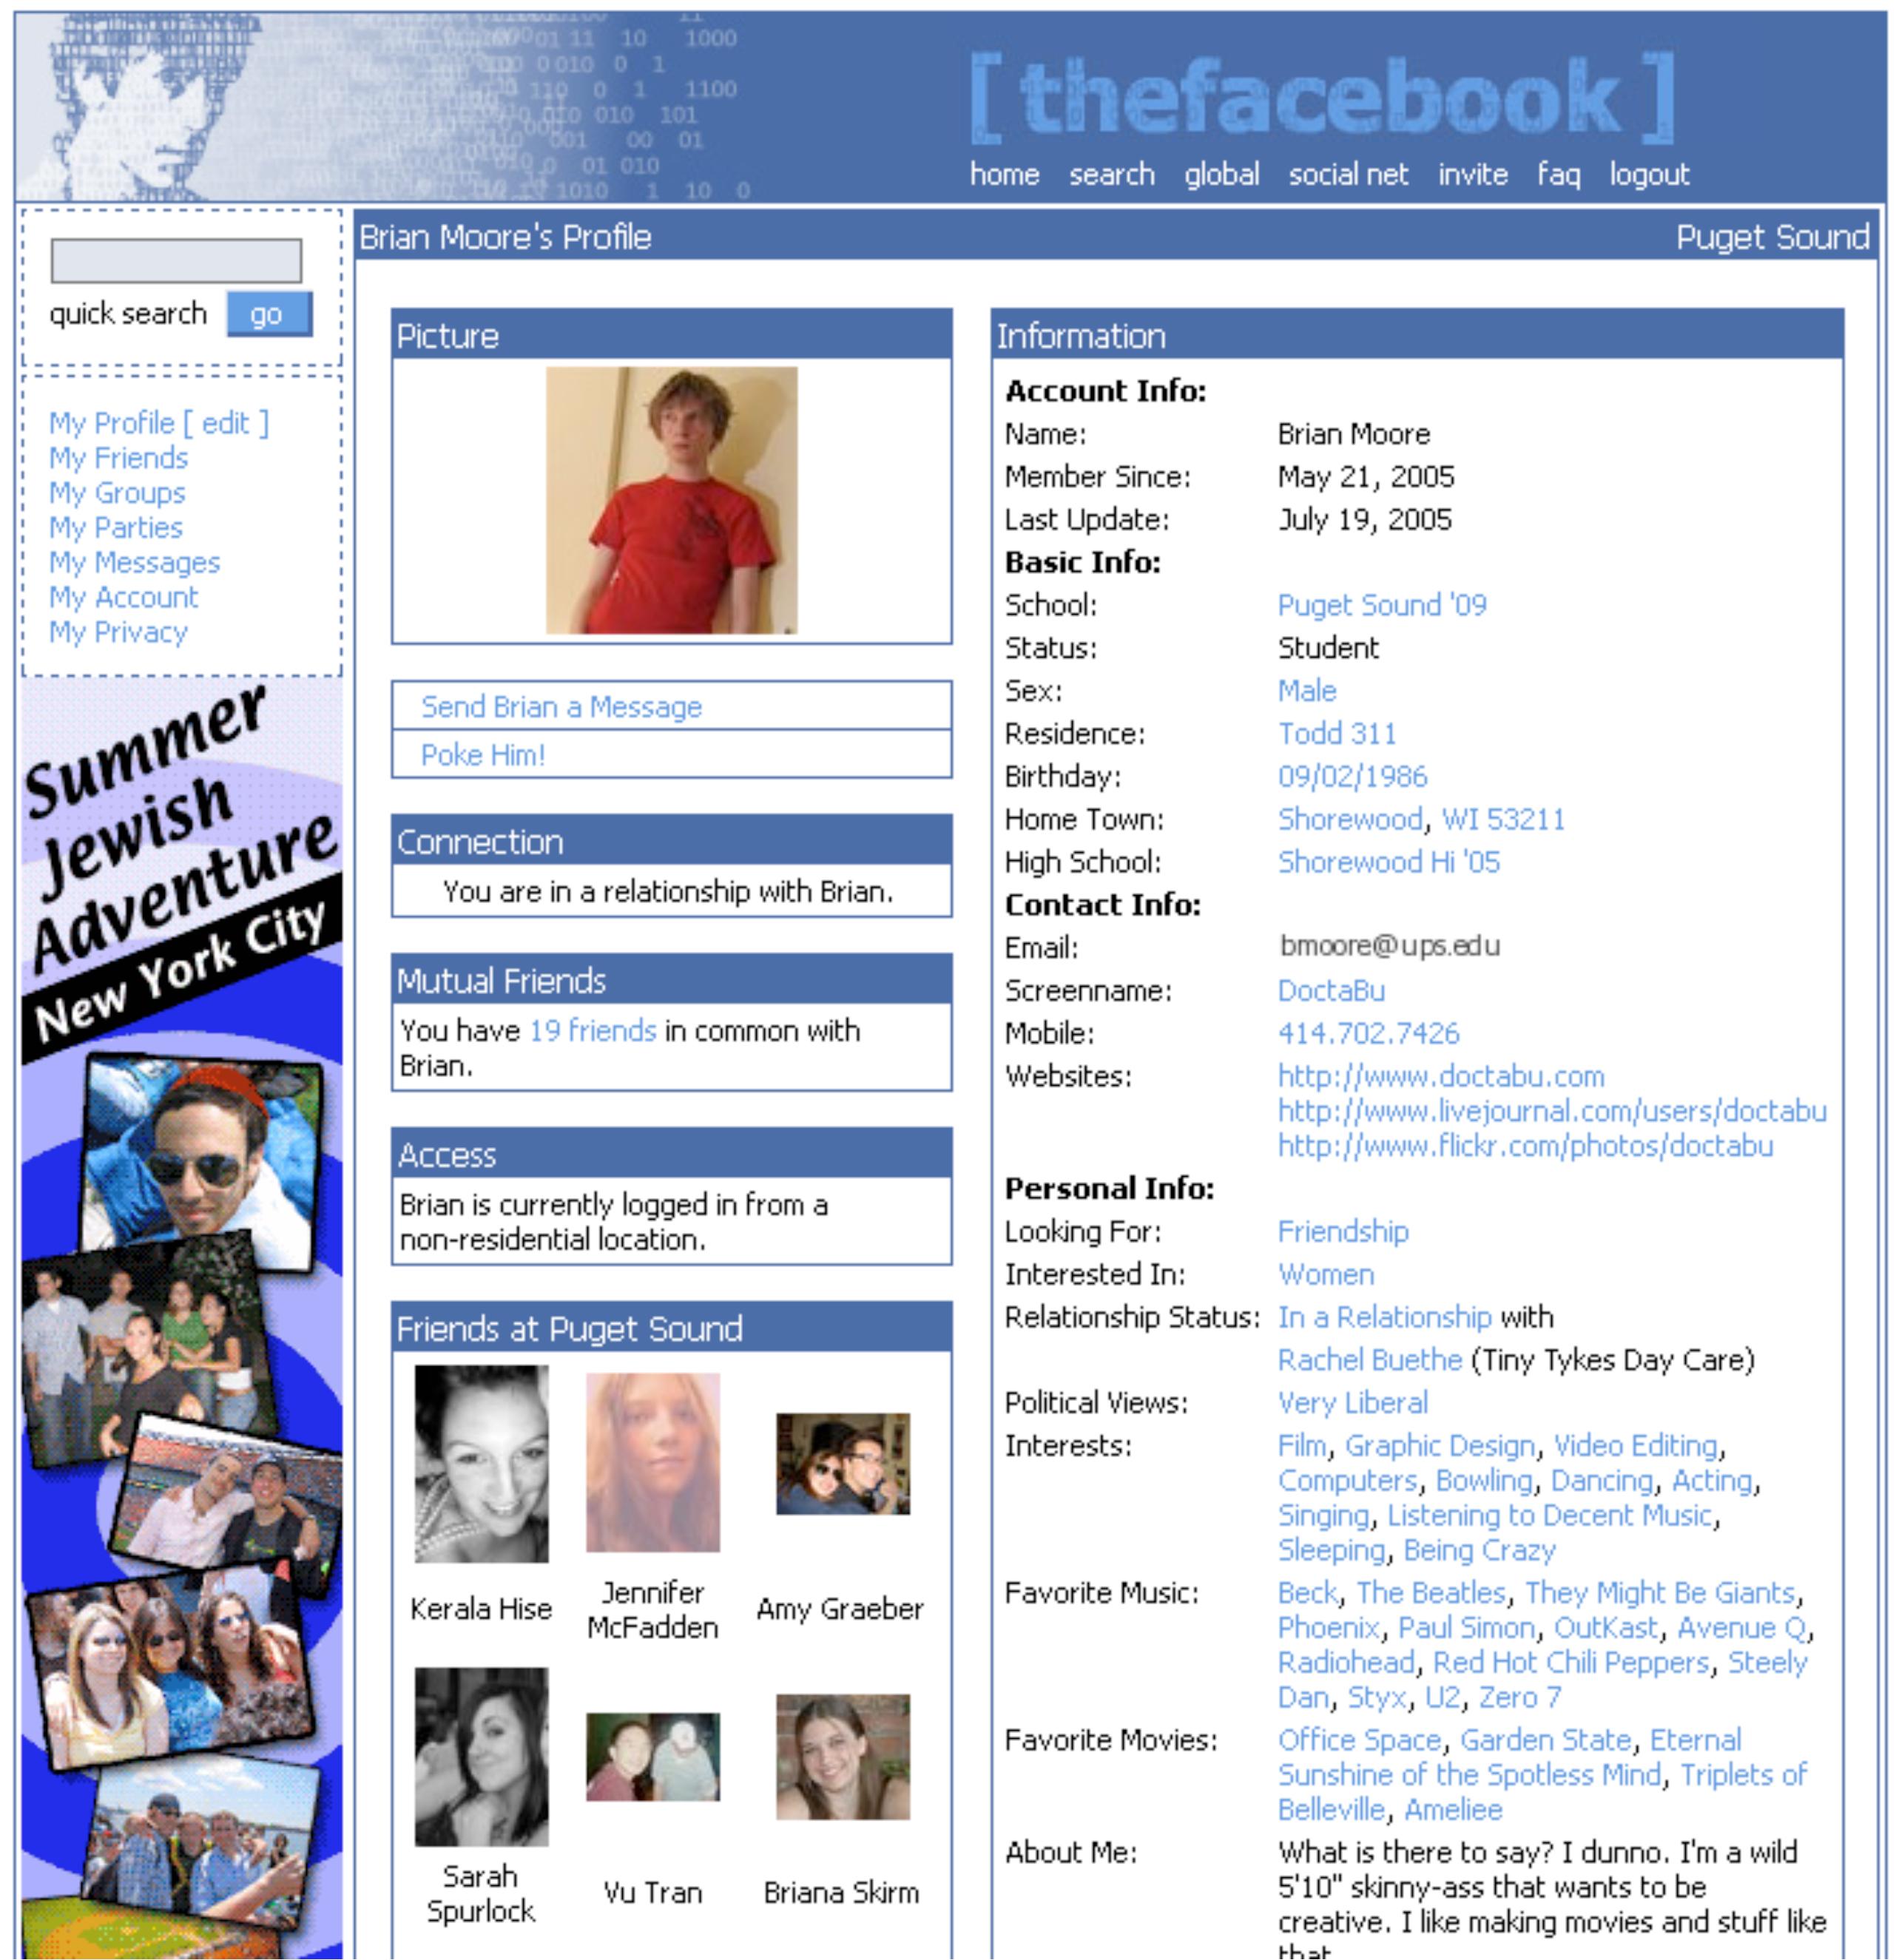 2005 (original profile)